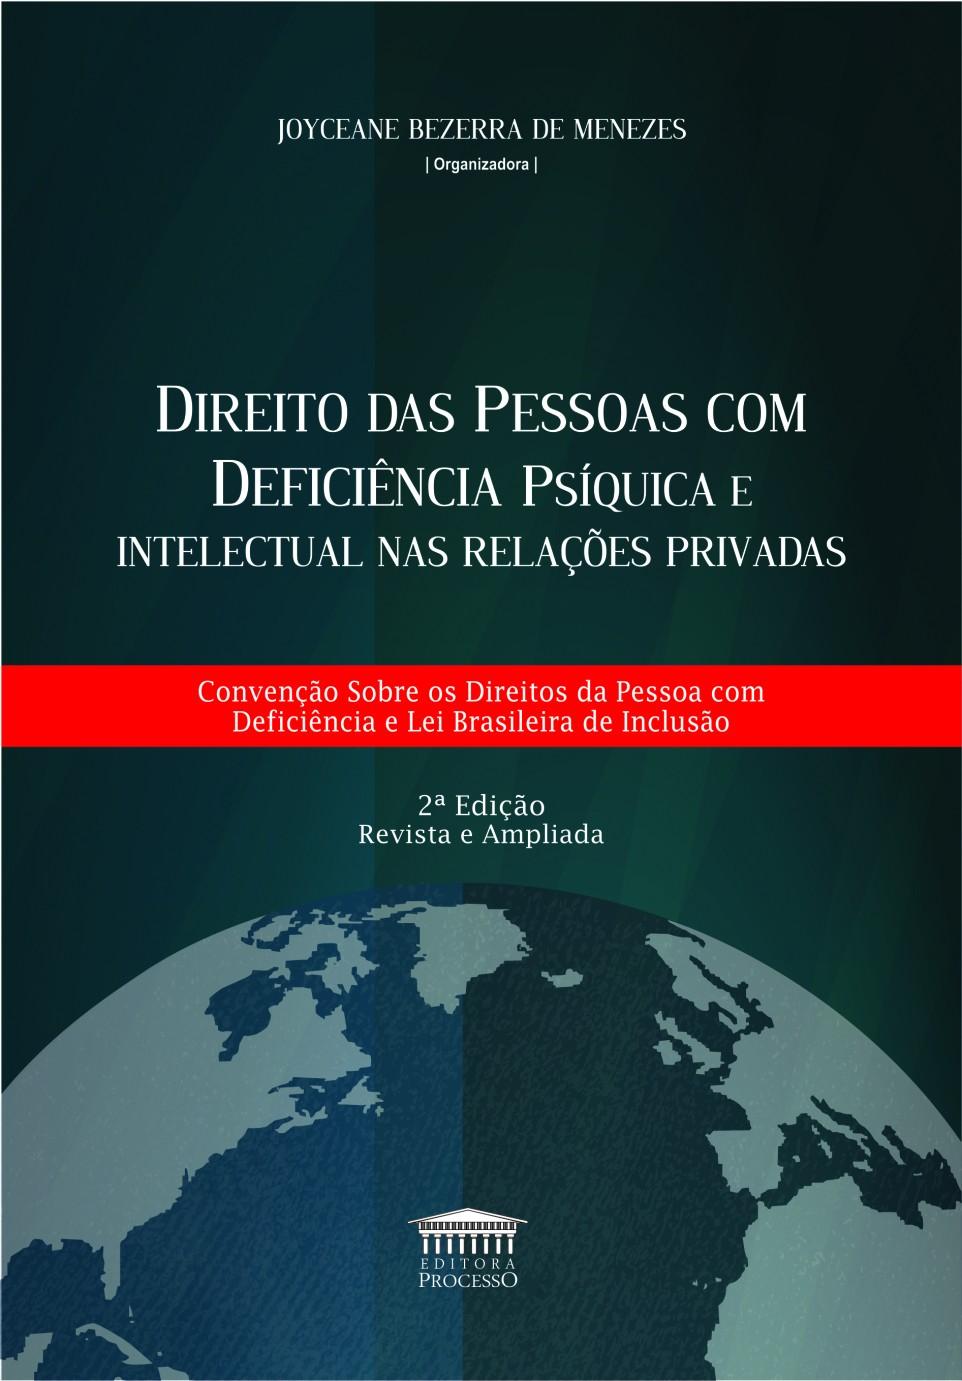 Foto 1 - Direito das Pessoas com Deficiência Psíquica e Intelectual nas Relações Privadas - 2ª Edição